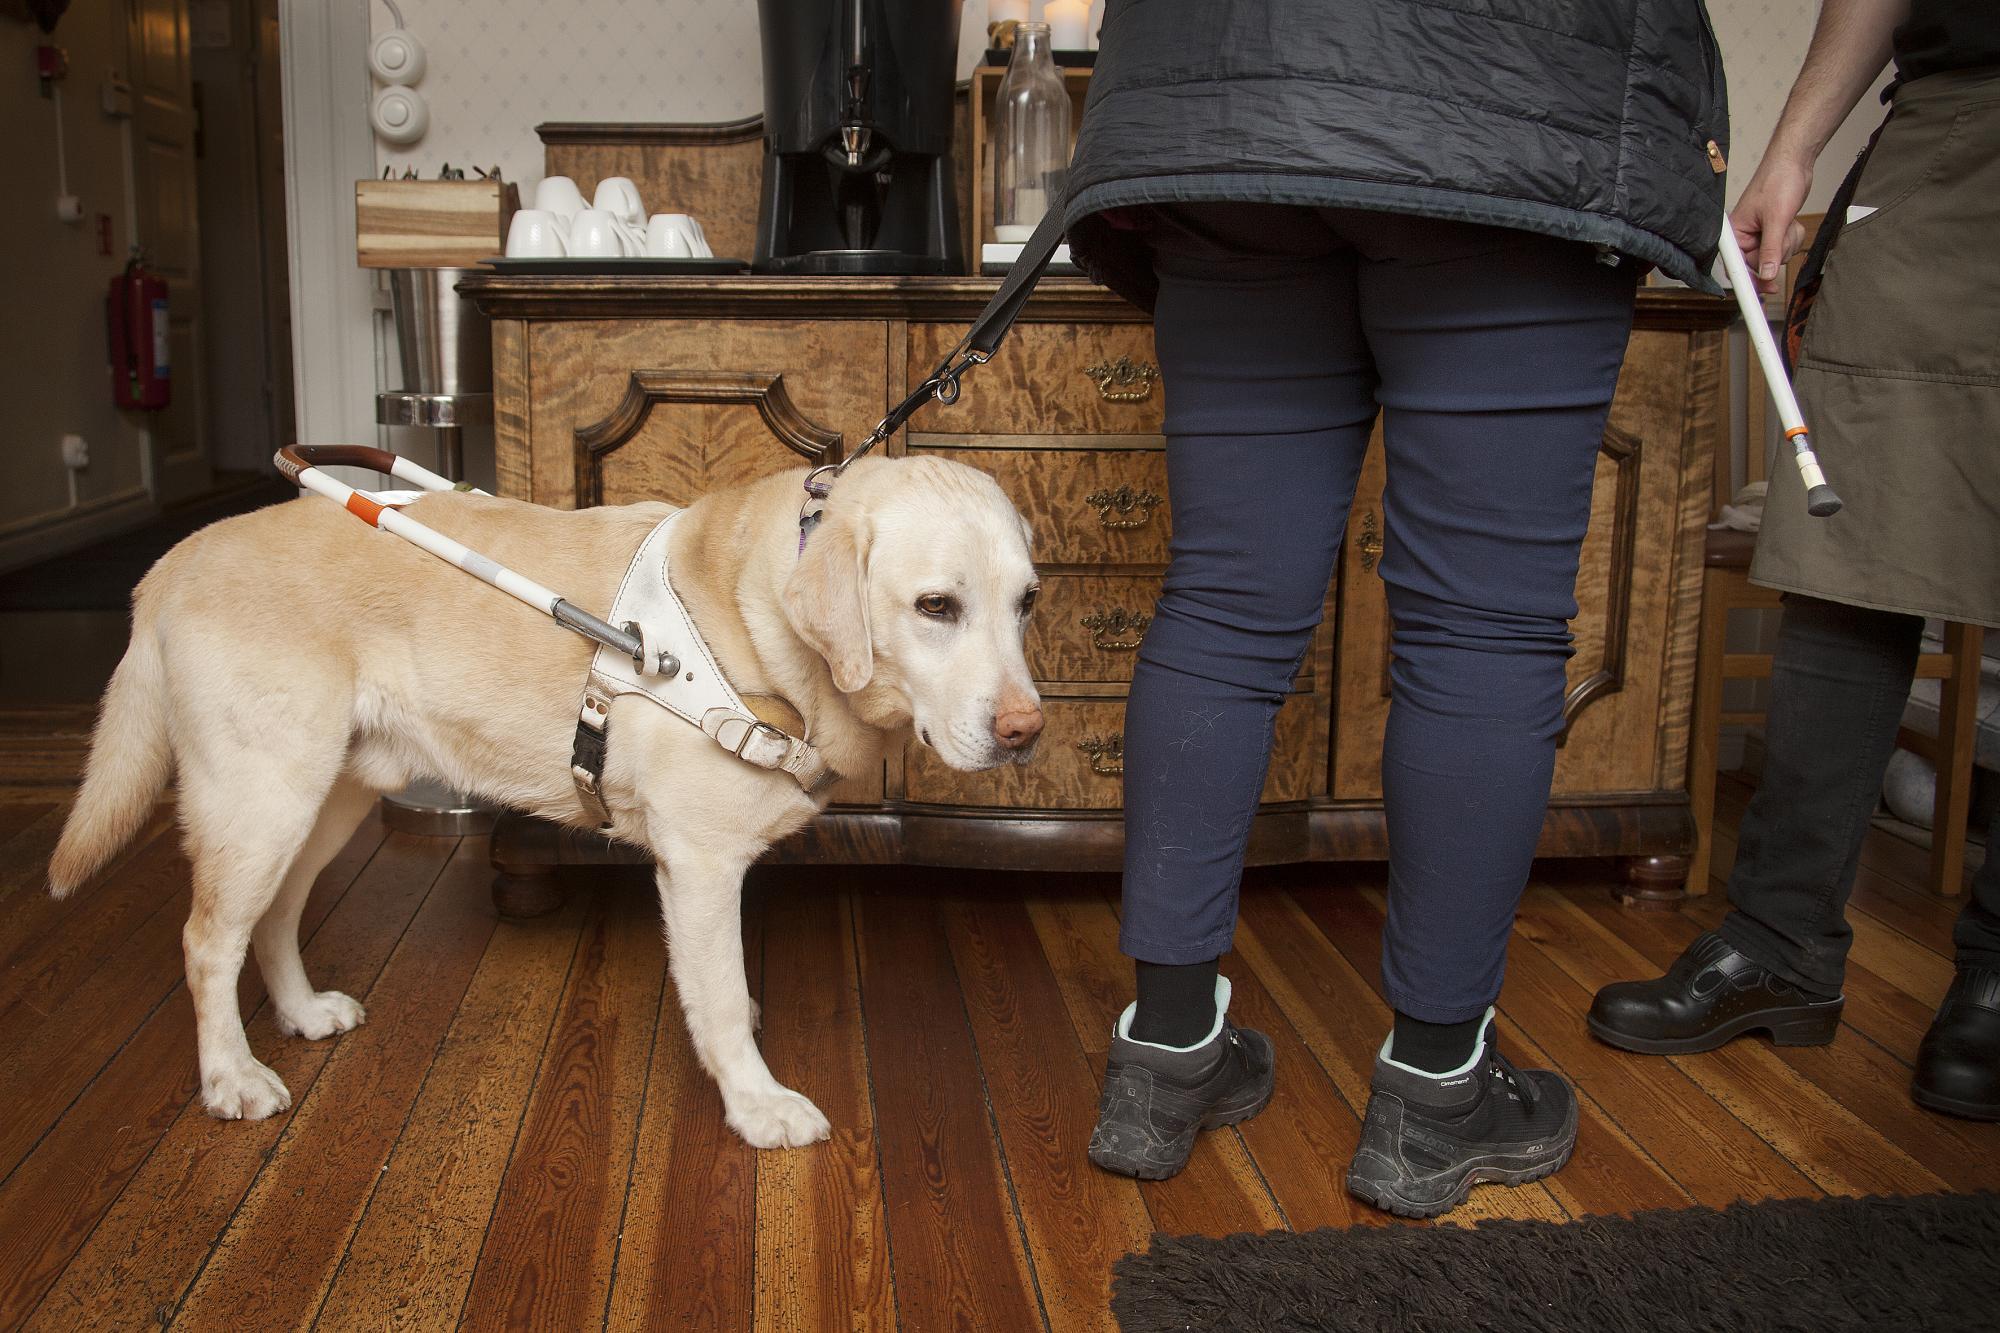 Det ställs höga krav på en ledarhund. Den ska både låta bli att ta kontakt med människor, men ändå kunna ta initiativ. Annika Östling berättar mer i Hundetablissemangets podd.